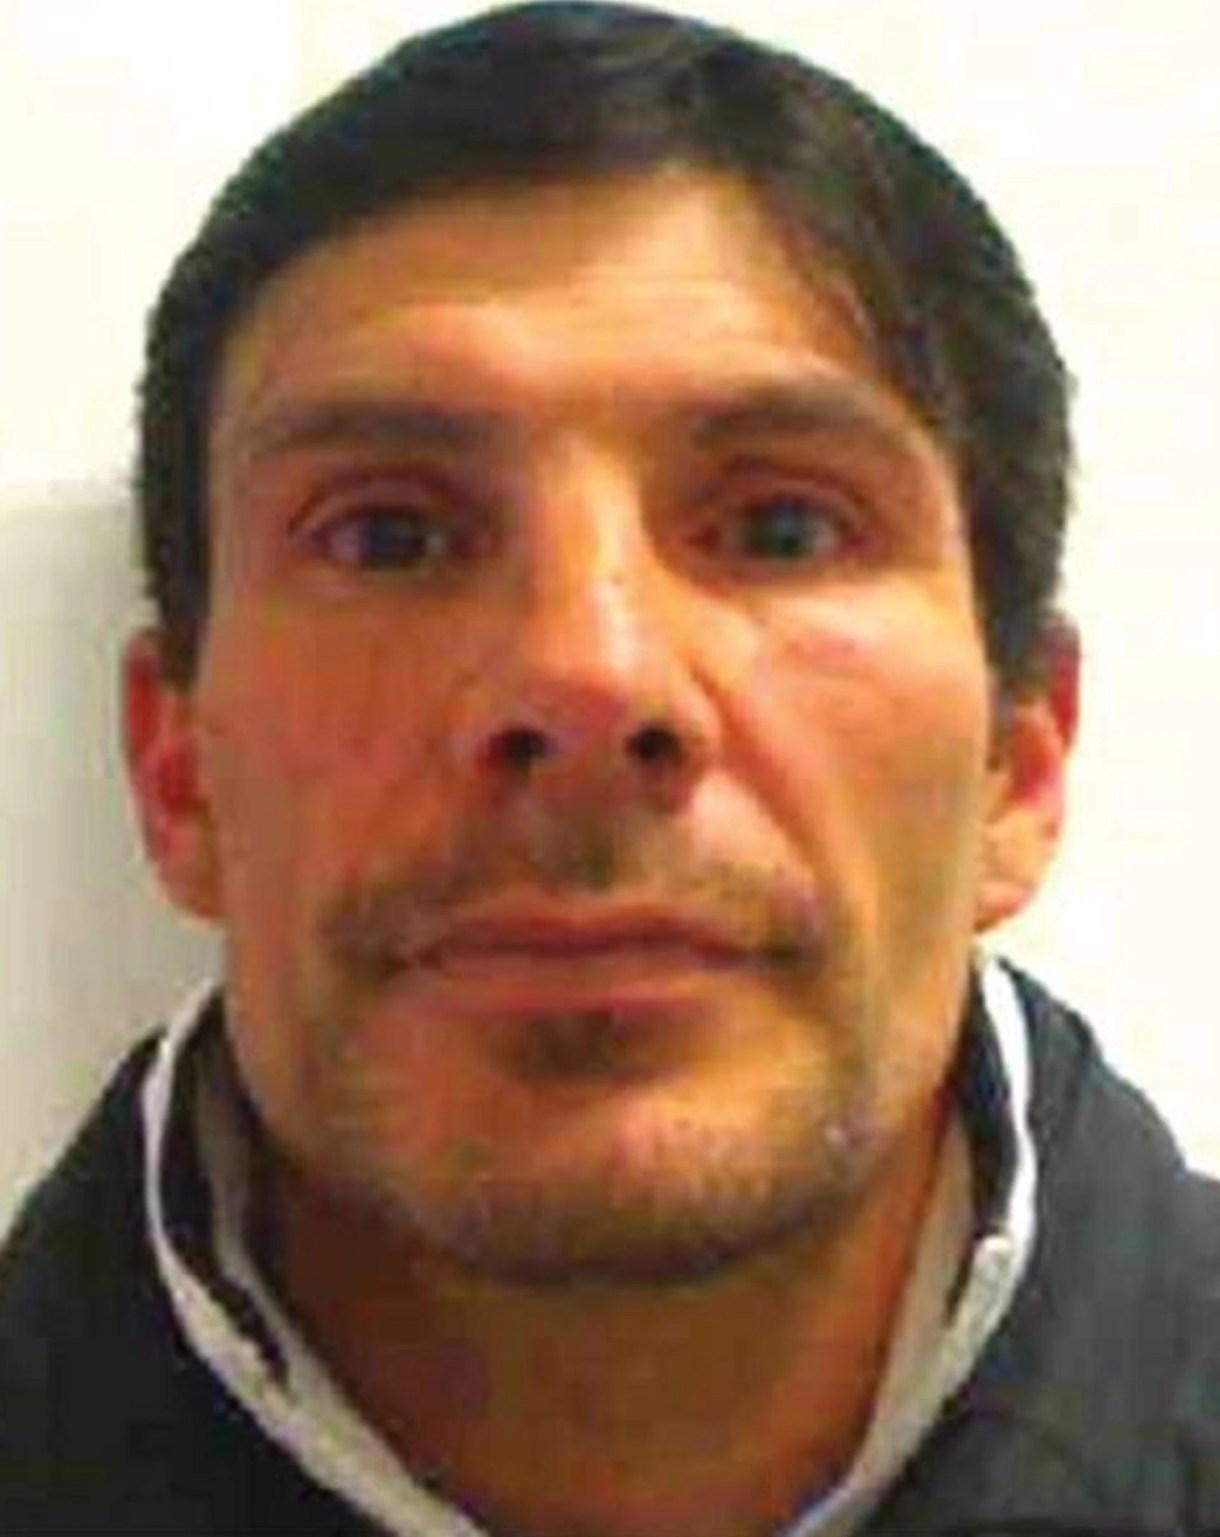 Gustavo Antonio Recalde participó del asesinato a un guardia de seguridad en 1997